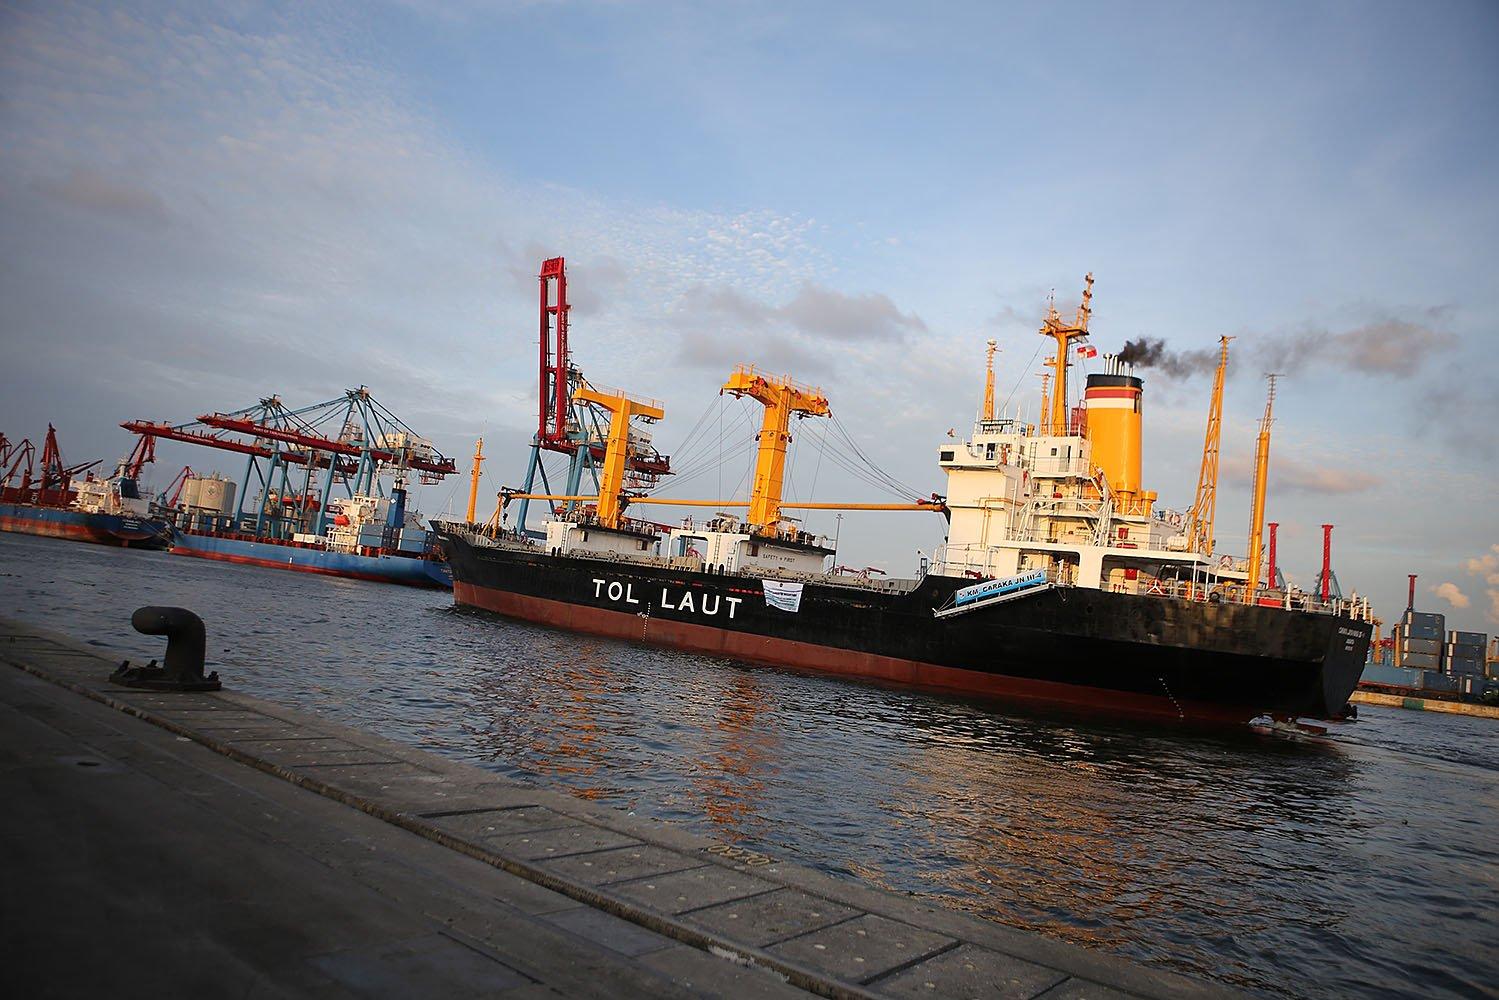 Kapal tol laut ini merupakan Kapal Caraka Jaya Niaga III-4 milik PT Pelni, yang melayani jalur Jakarta-Kepulauan Natuna dan beroperasi secara berjadwal.